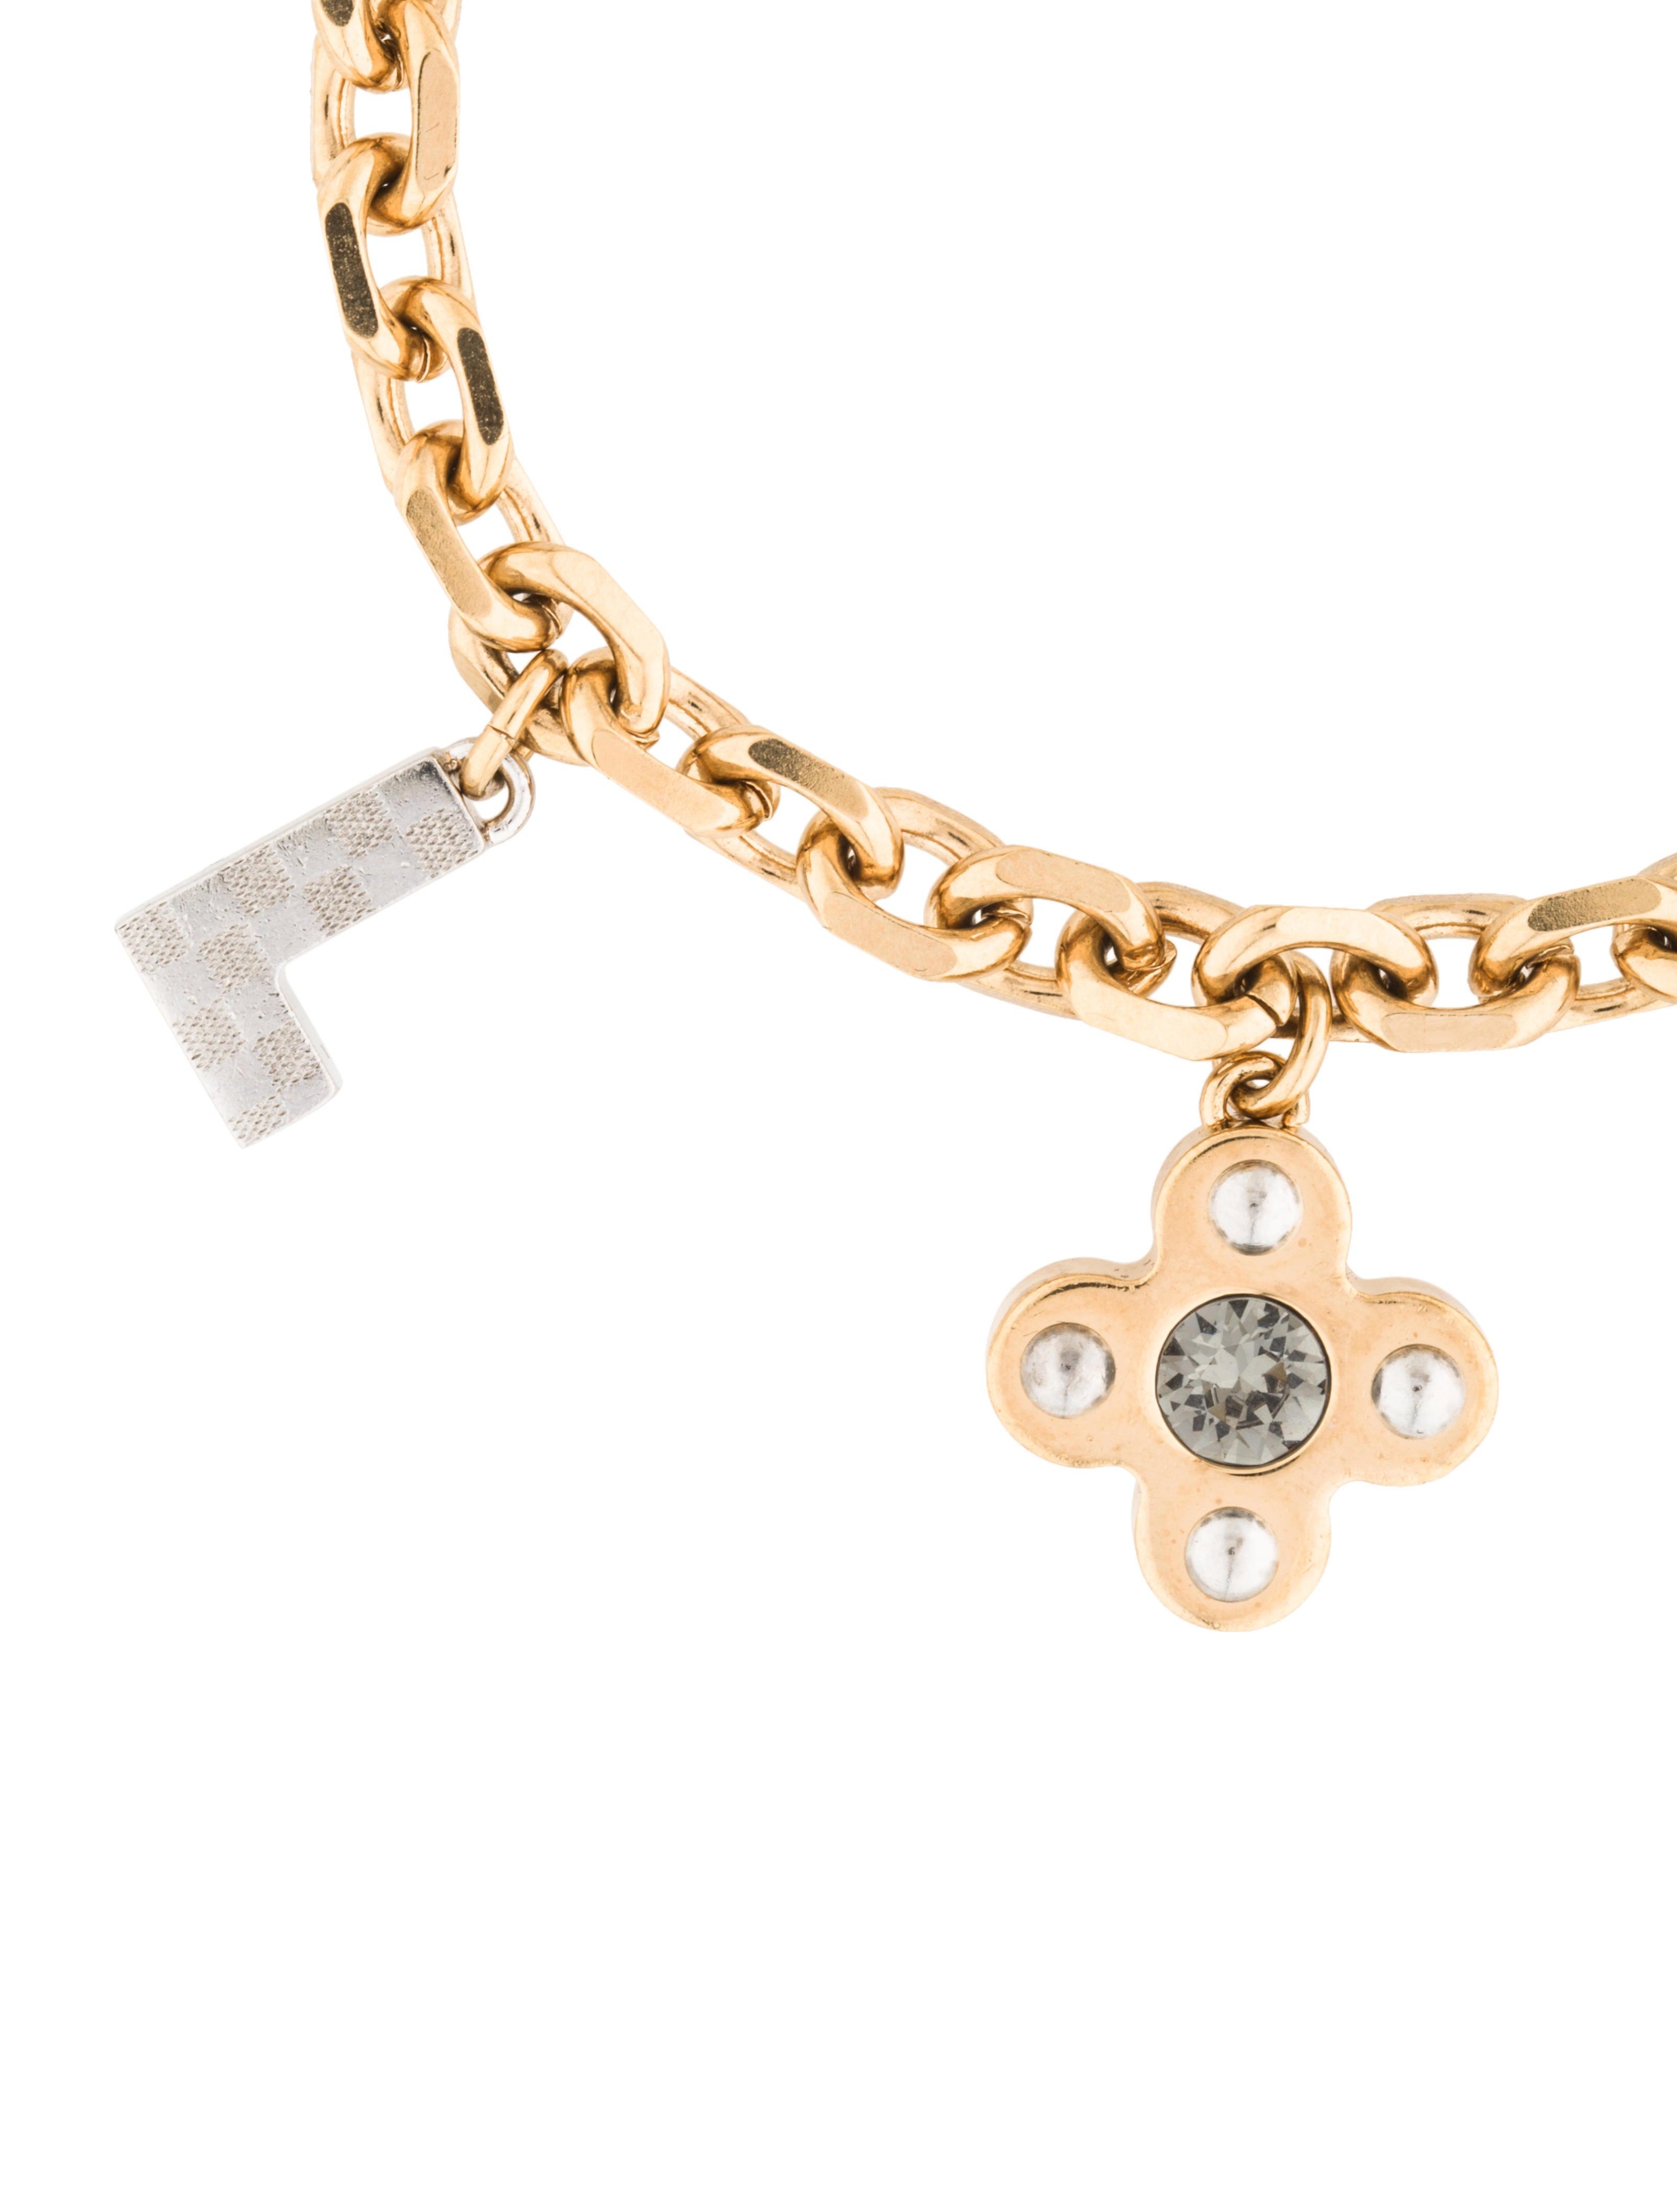 louis vuitton letter timeless charm bracelet